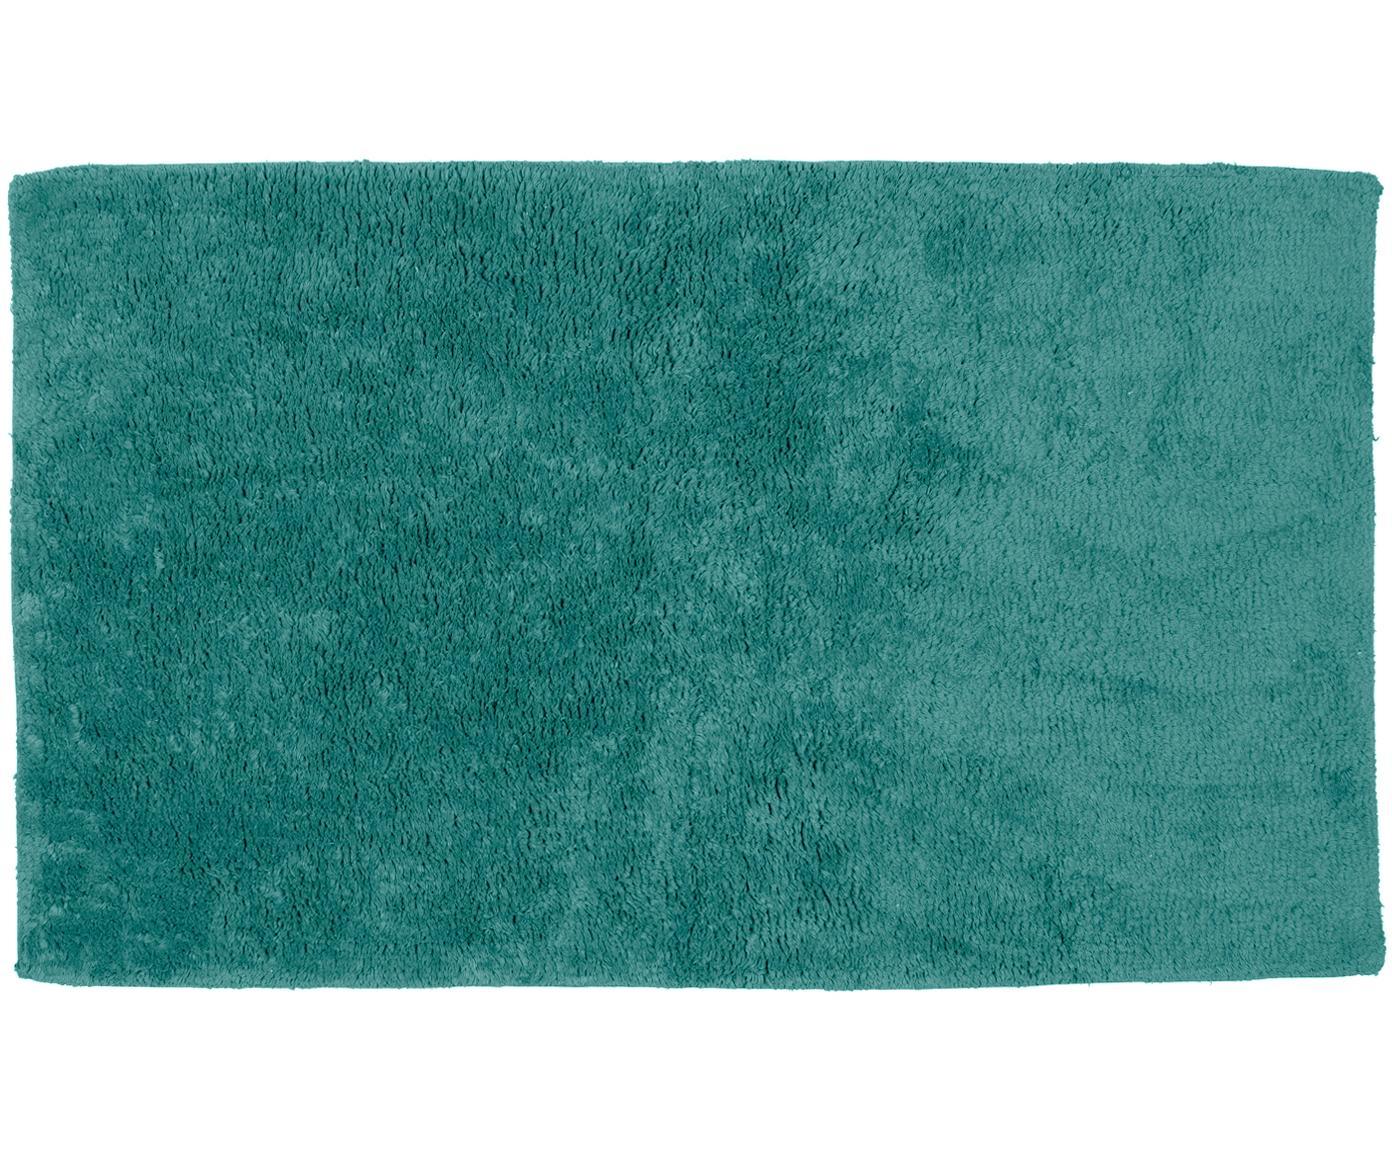 Alfombrilla de baño grande Luna, Verde esmeralda, An 70 x L 120 cm